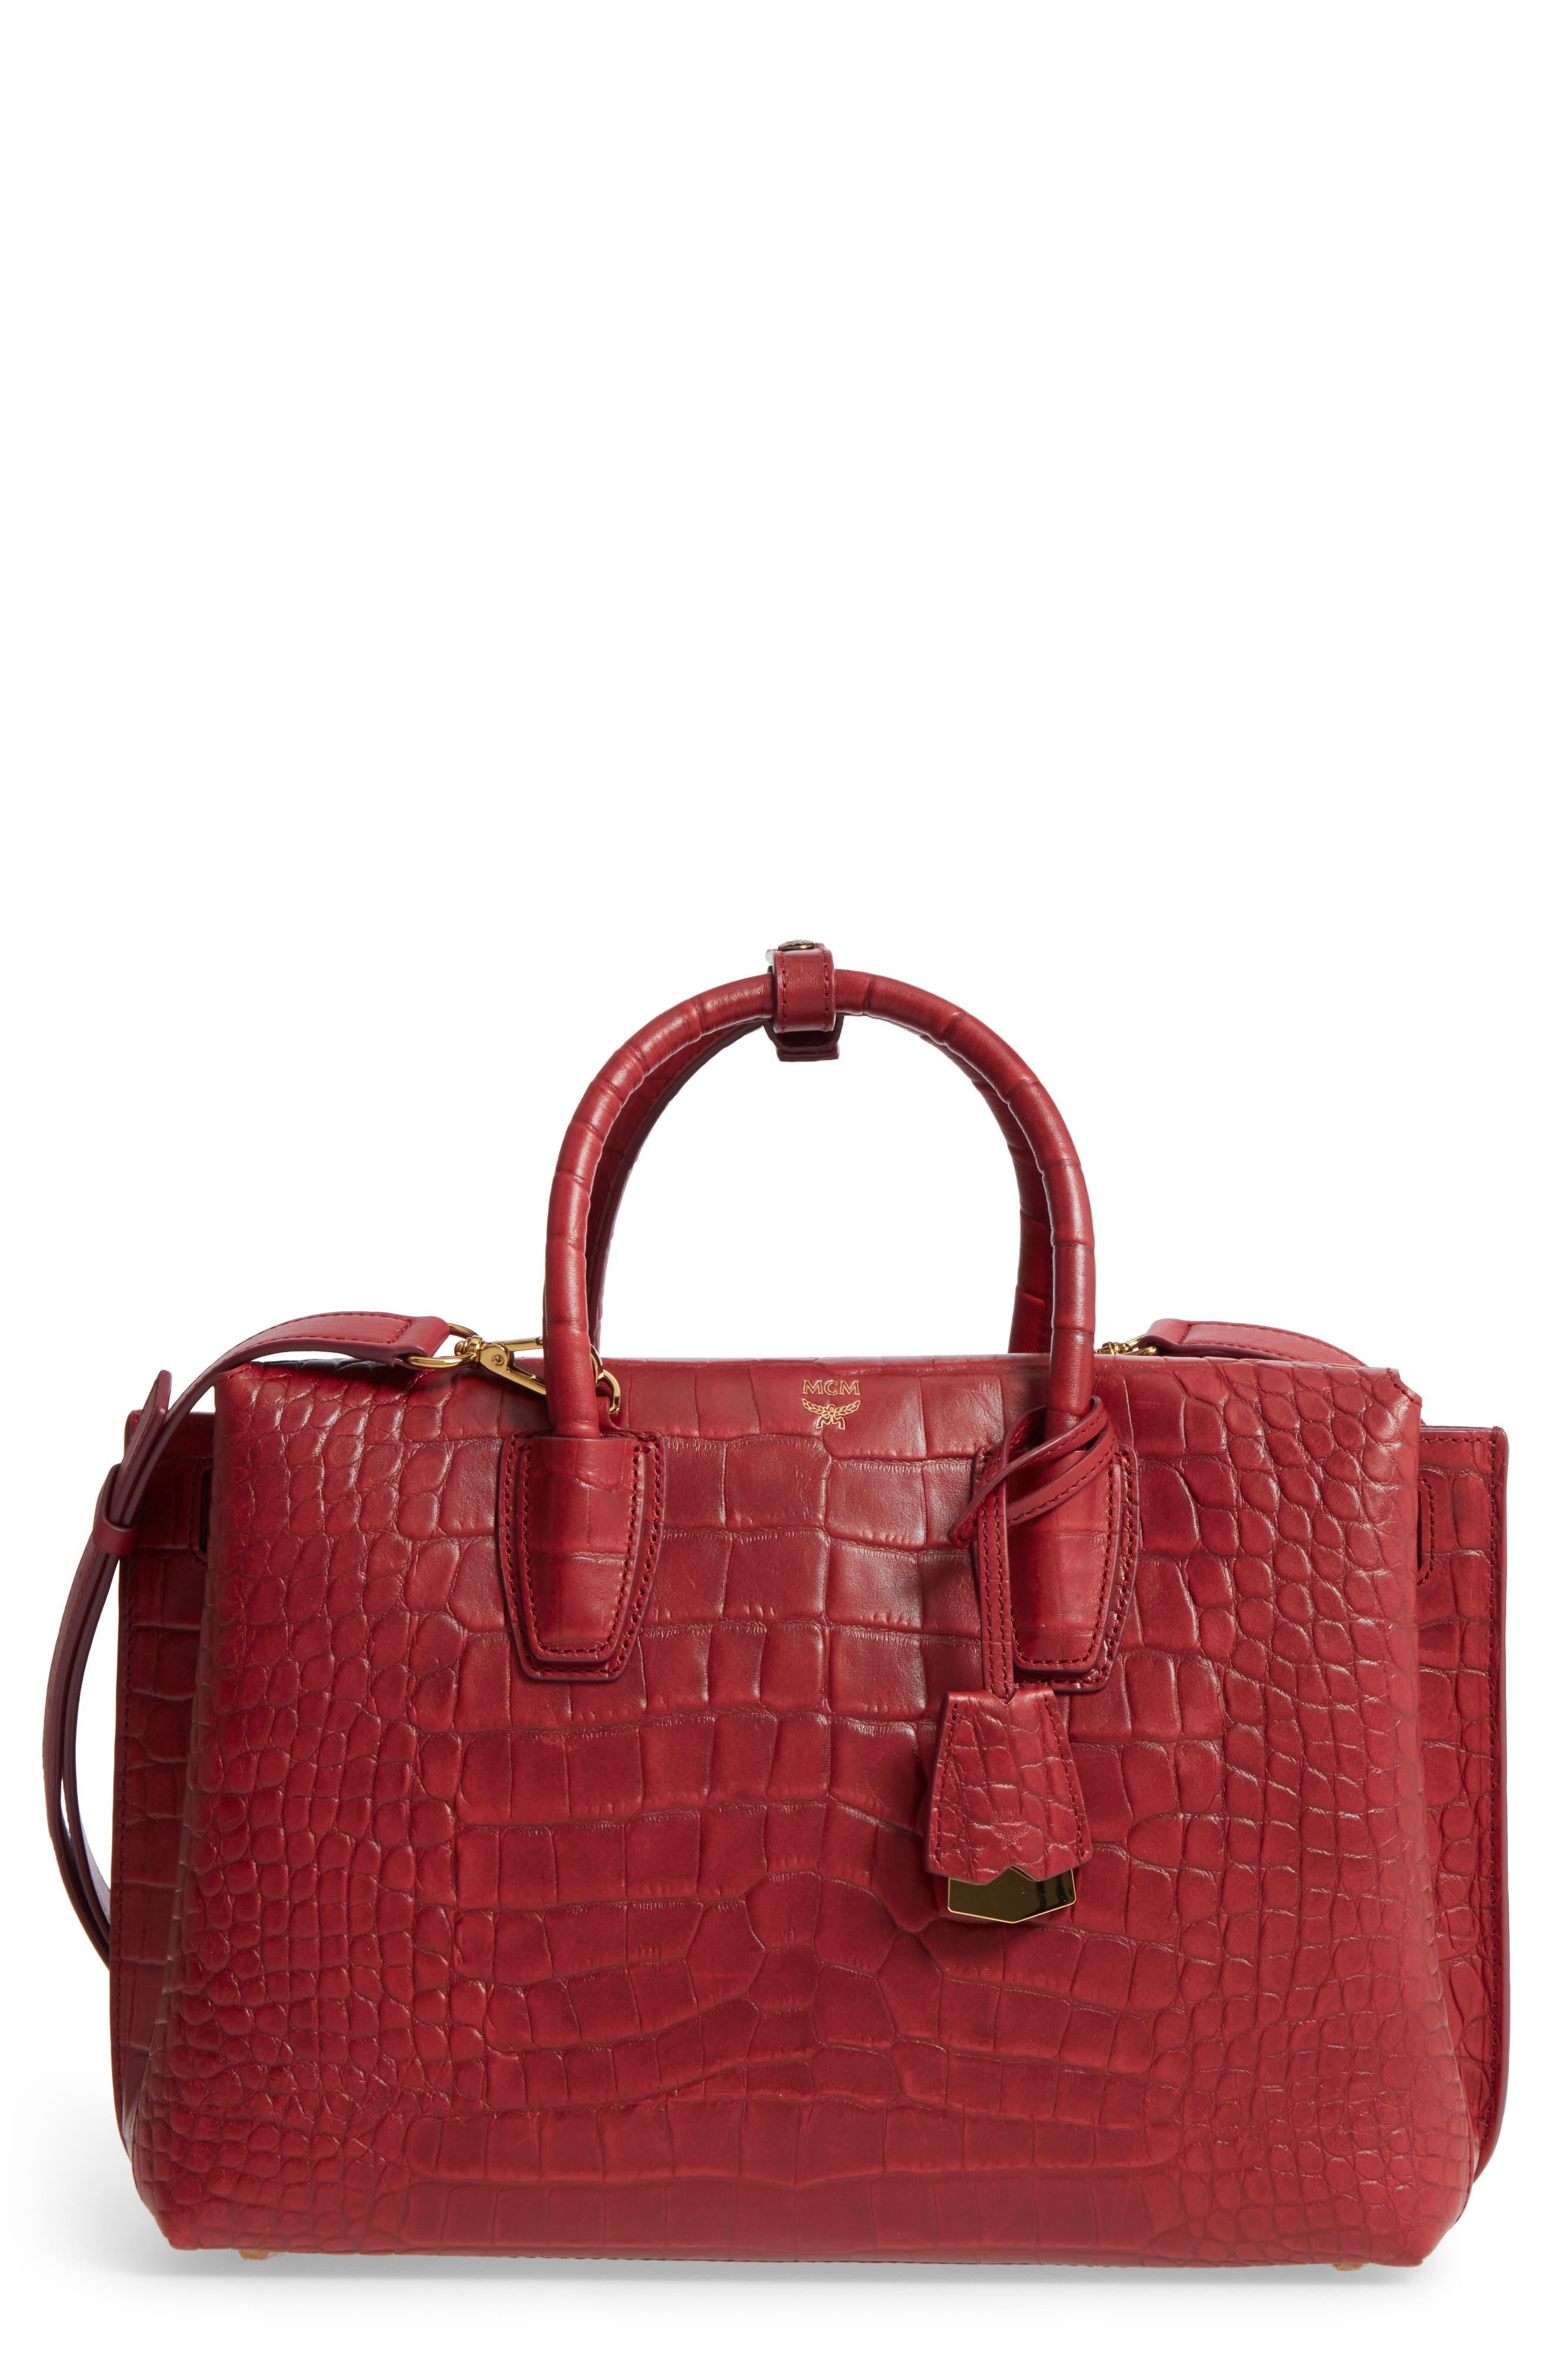 mcm designer handbags for women